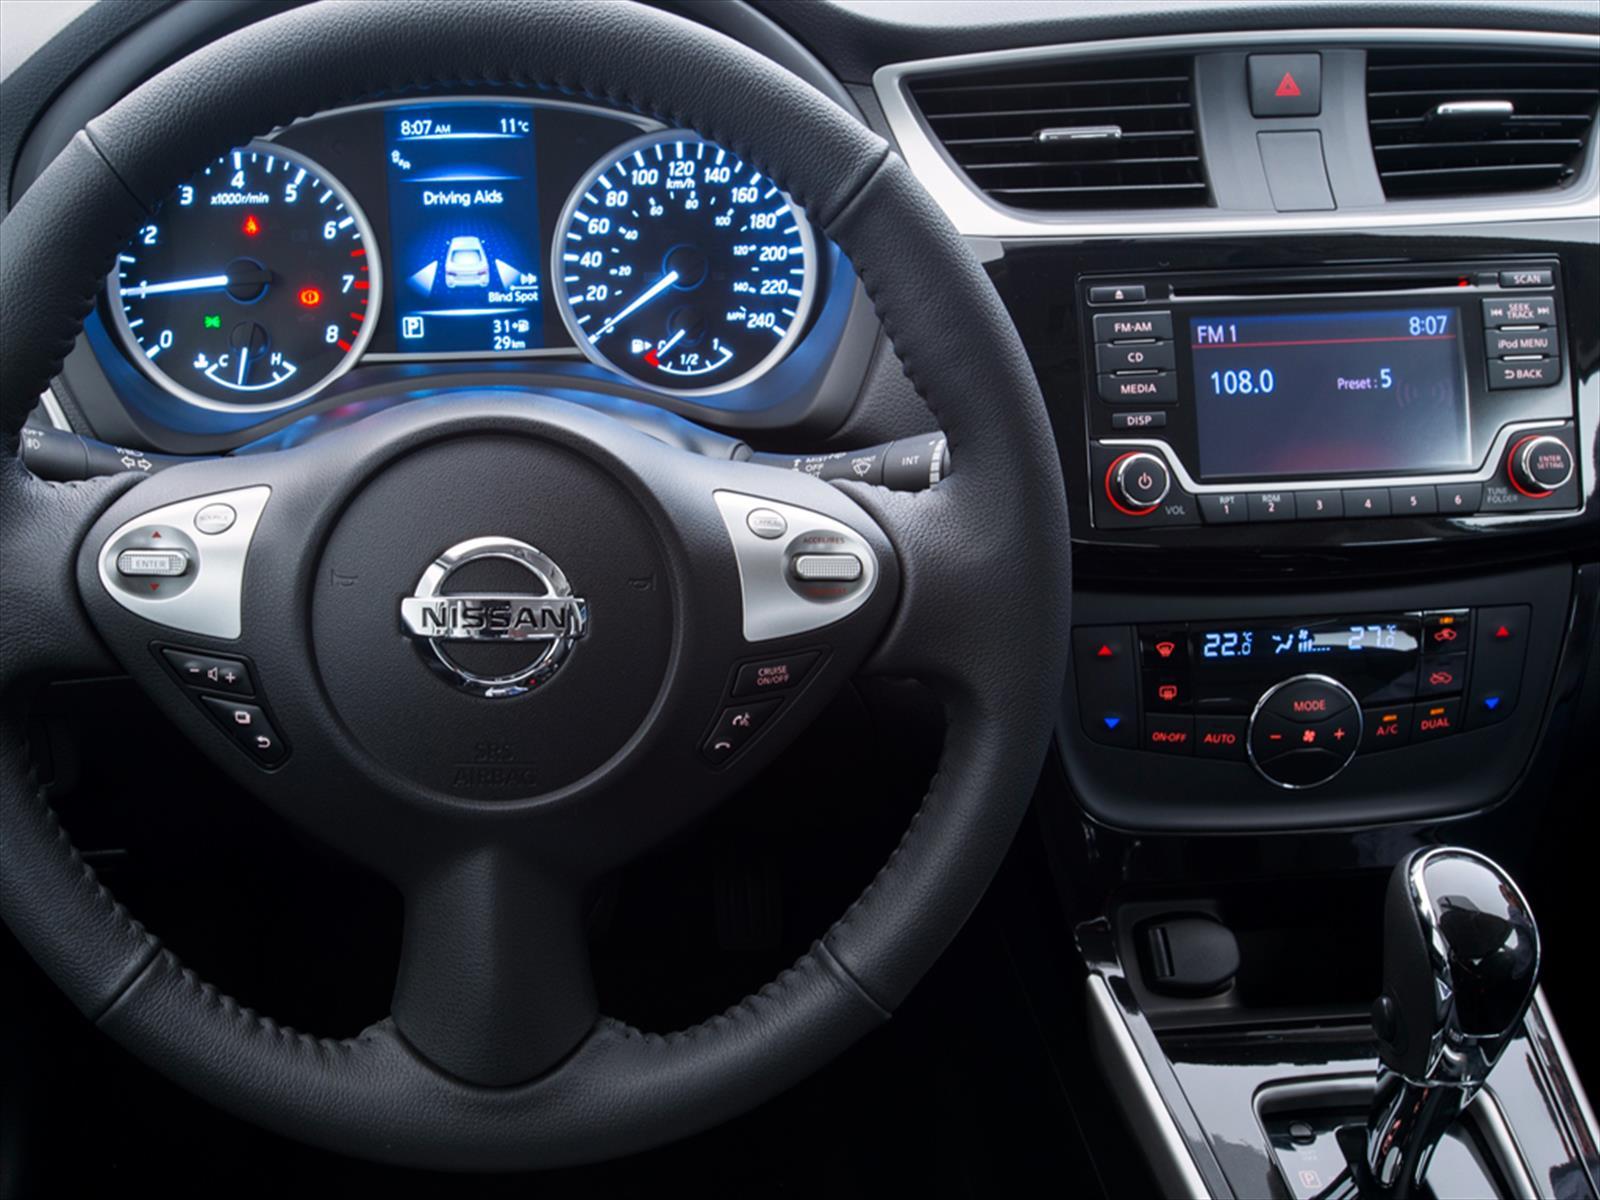 Nuevo Nissan Sentra 2017 ya está en Chile - Autocosmos.com